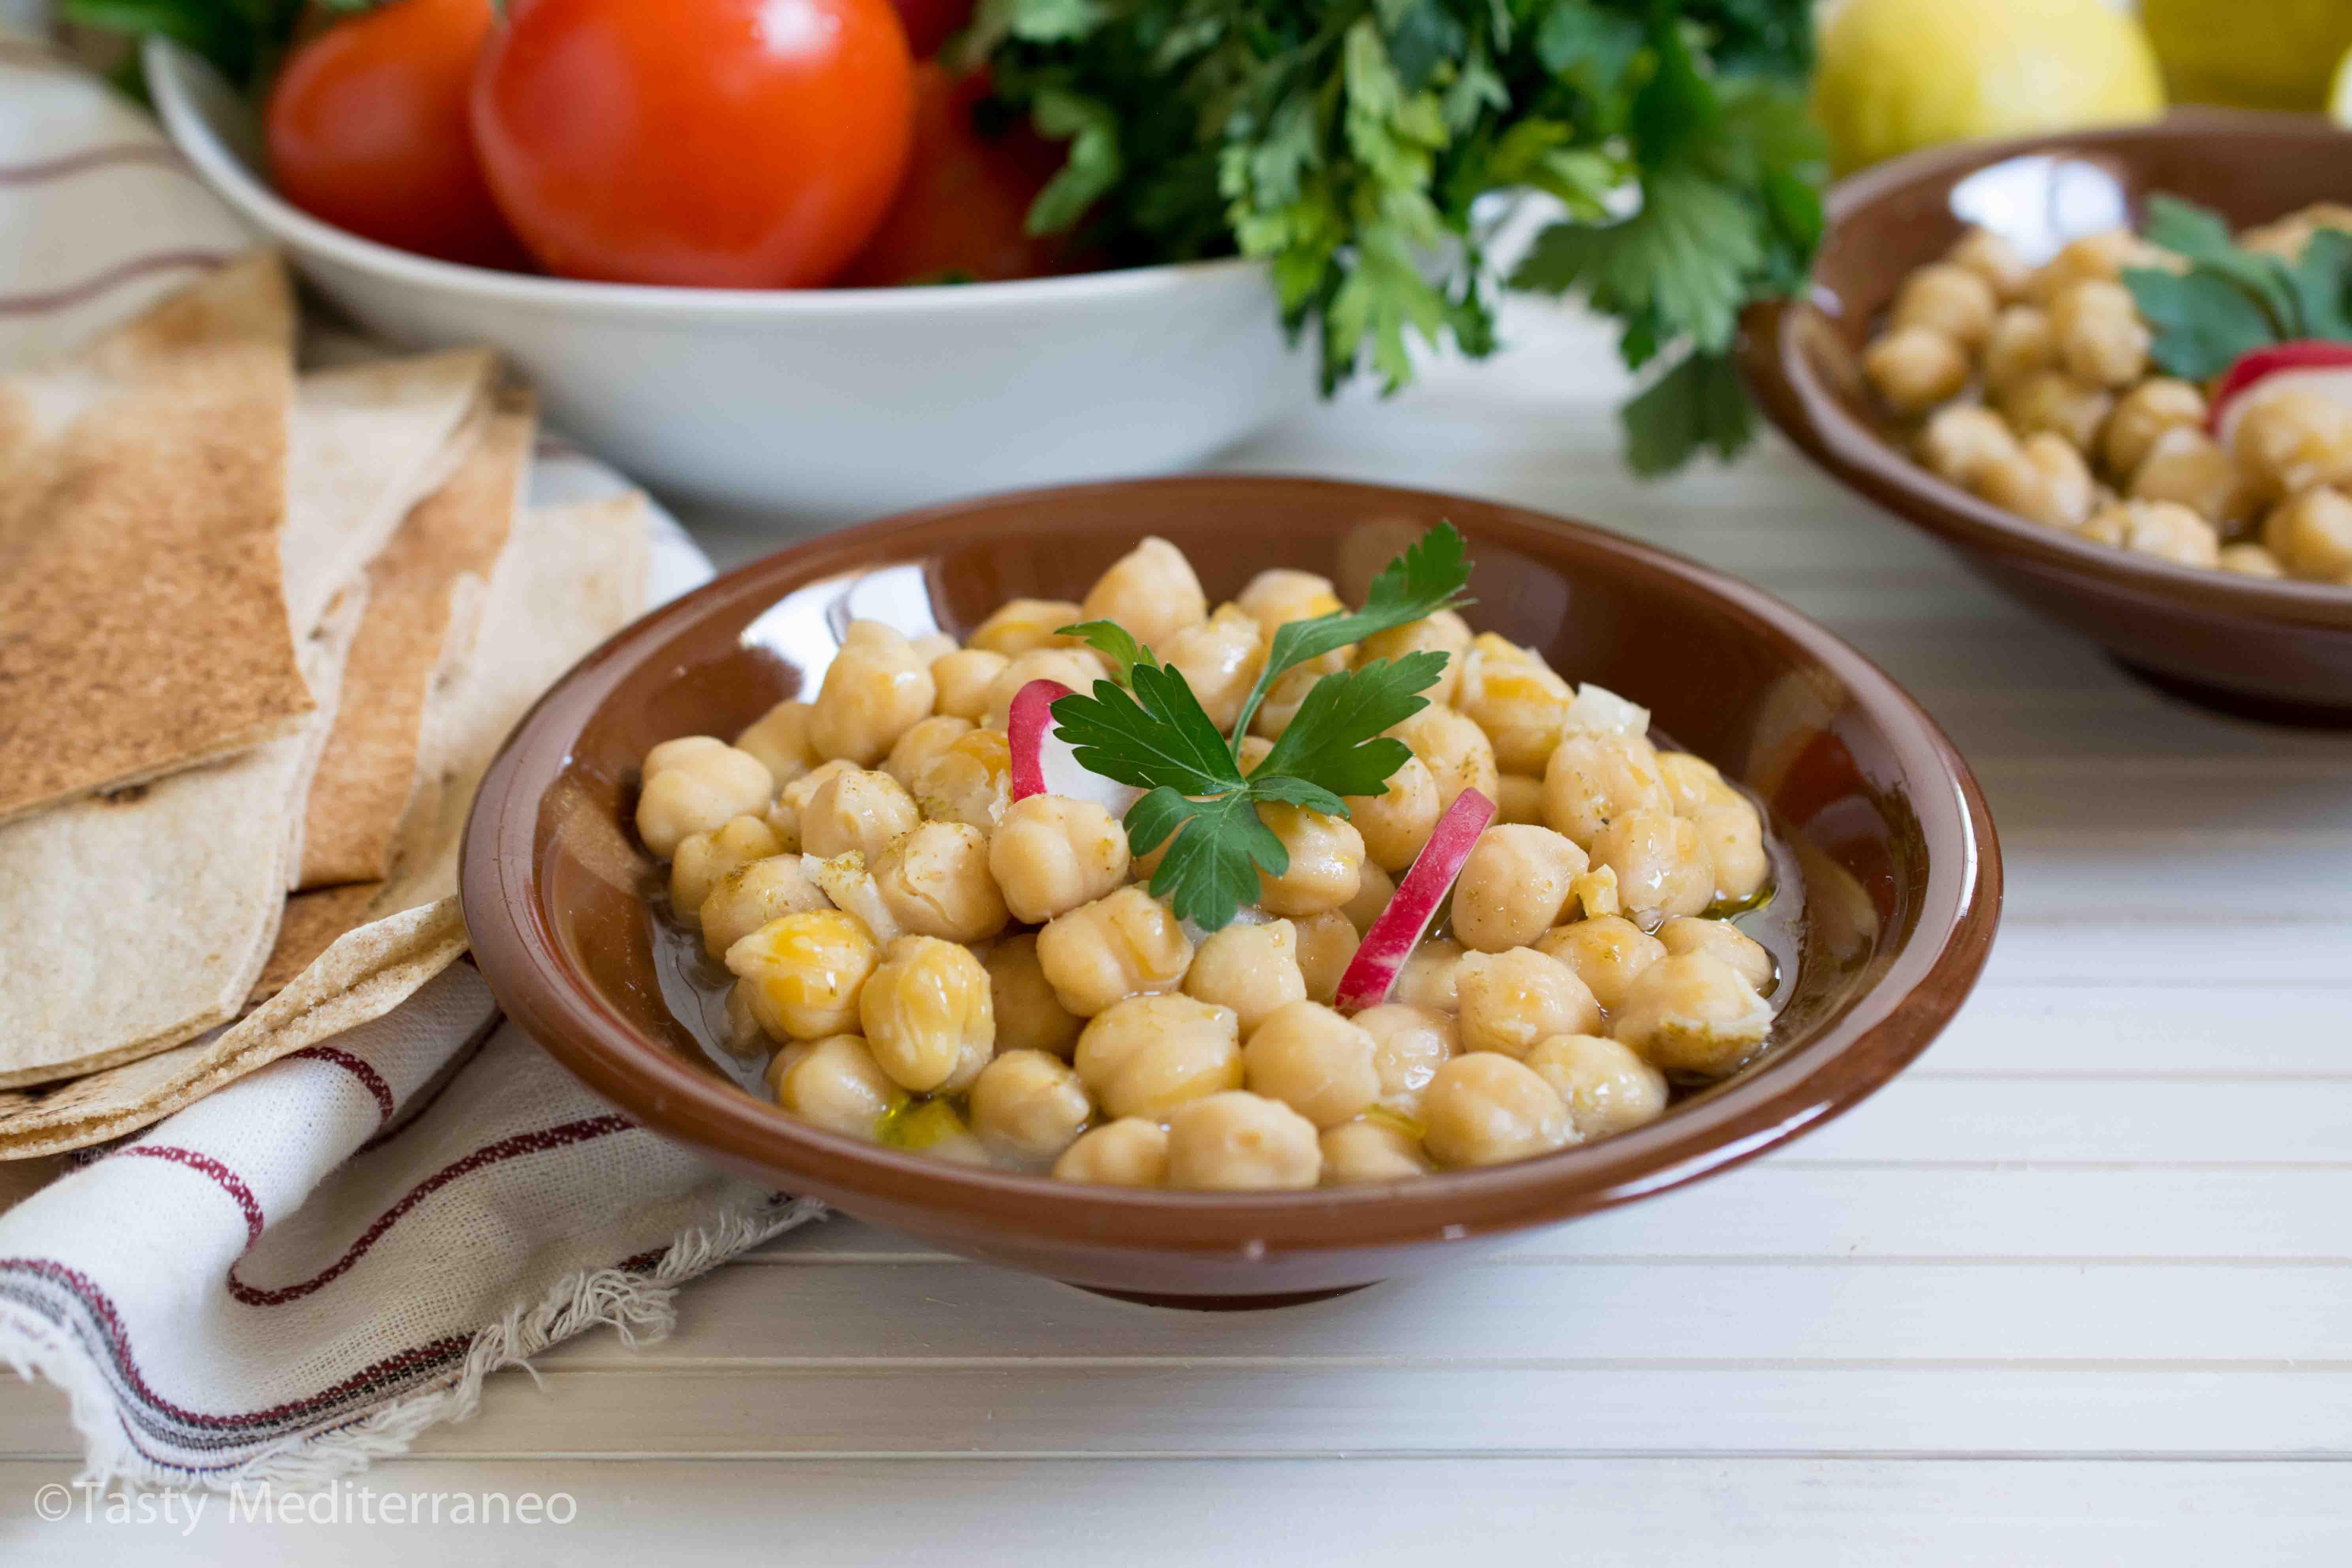 حمص بليلة Tasty Mediterraneo